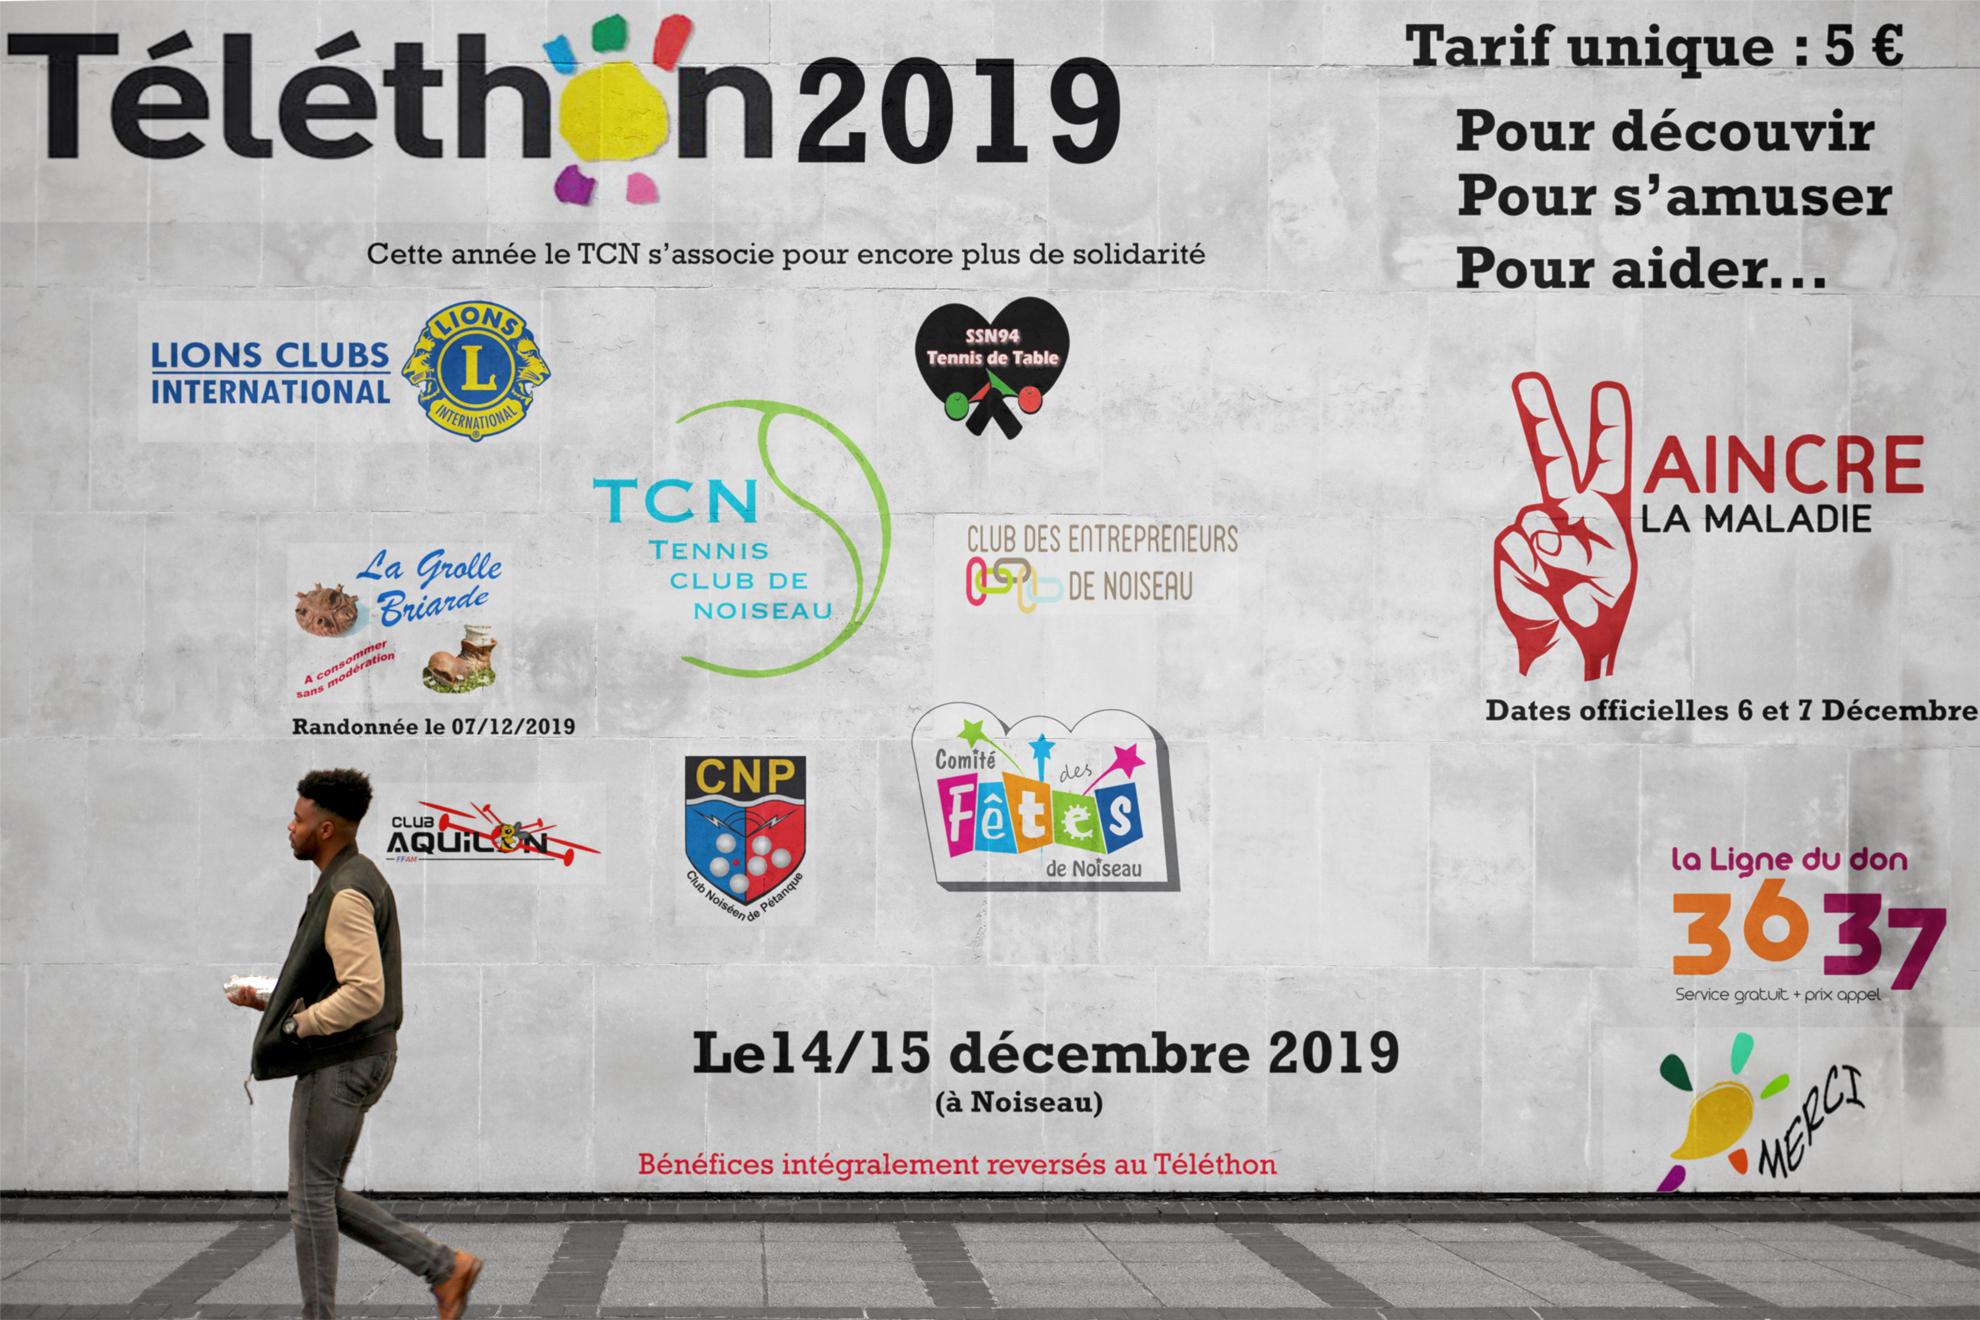 Telethon_2019_Web